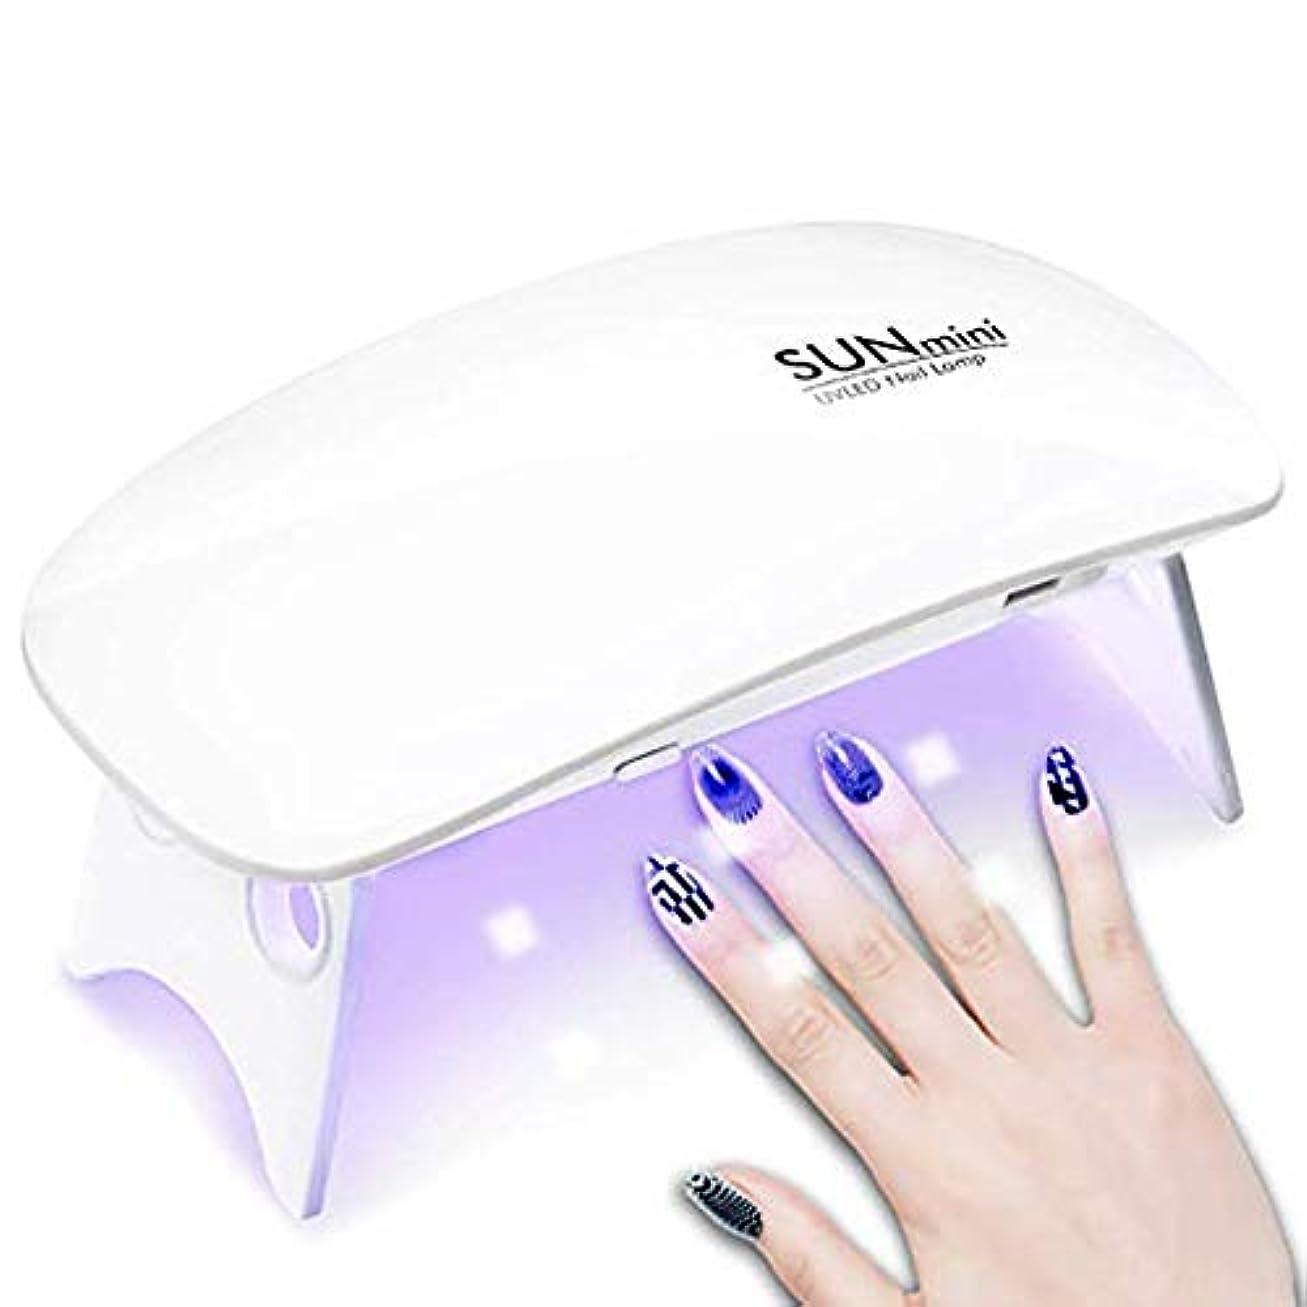 何郵便物手のひらLEDネイルドライヤー UVライト 折りたたみ式 設定可能 タイマー ジェルネイル LED 硬化ライト UV と LEDダブルライト ジェルネイル用 ホワイト